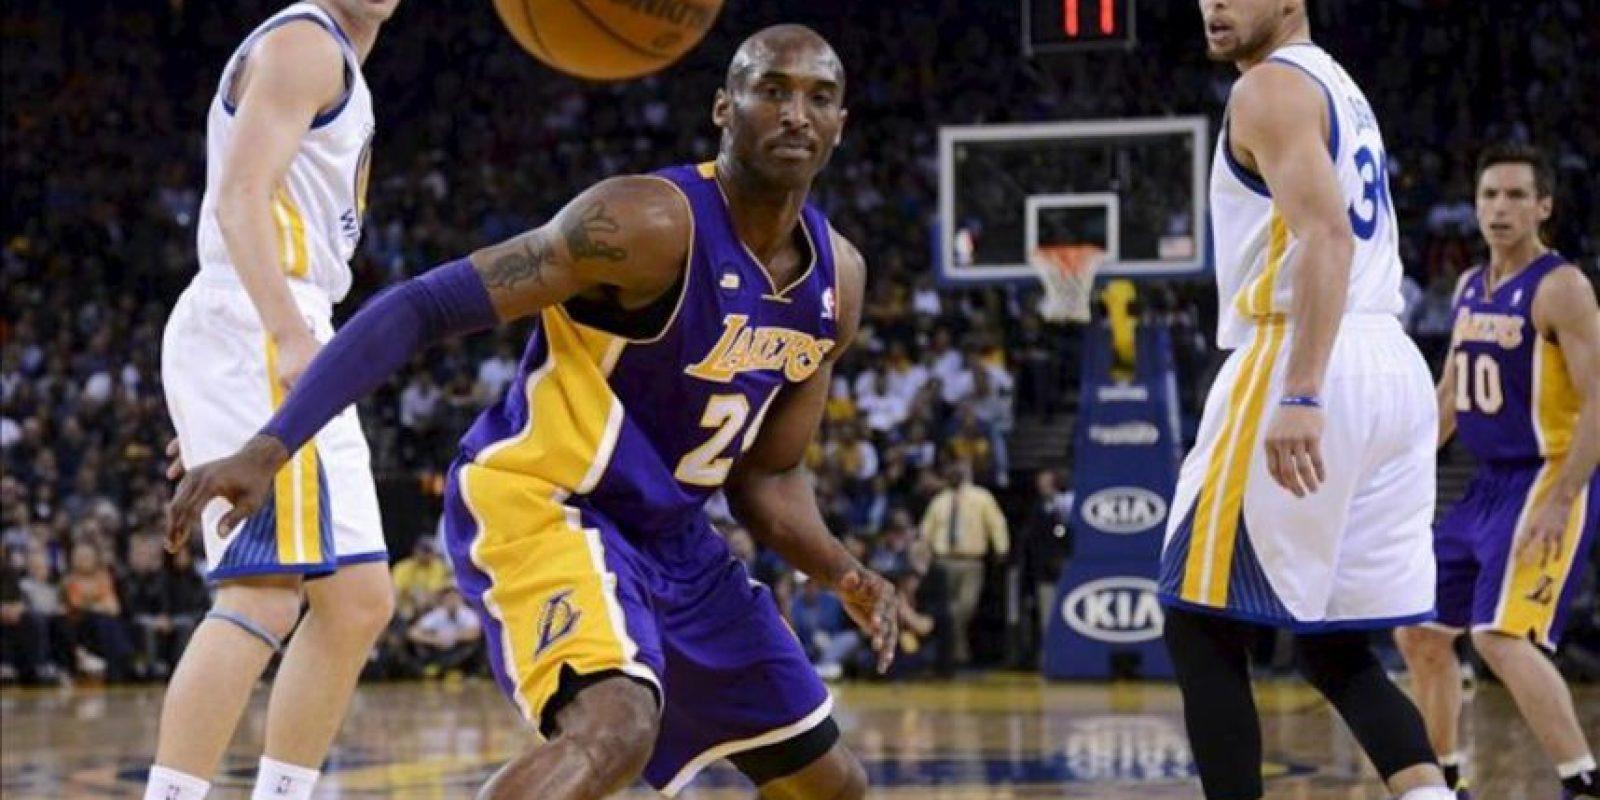 Kobe Bryant (c) de los Lakers de Los Ángeles observa la bola como sale del campo ante Klay Thompson (i) y Stephen Curry (2d) de los Warriors de Golden State, durante su partido de baloncesto de la NBA en Oakland (EE.UU.). EFE